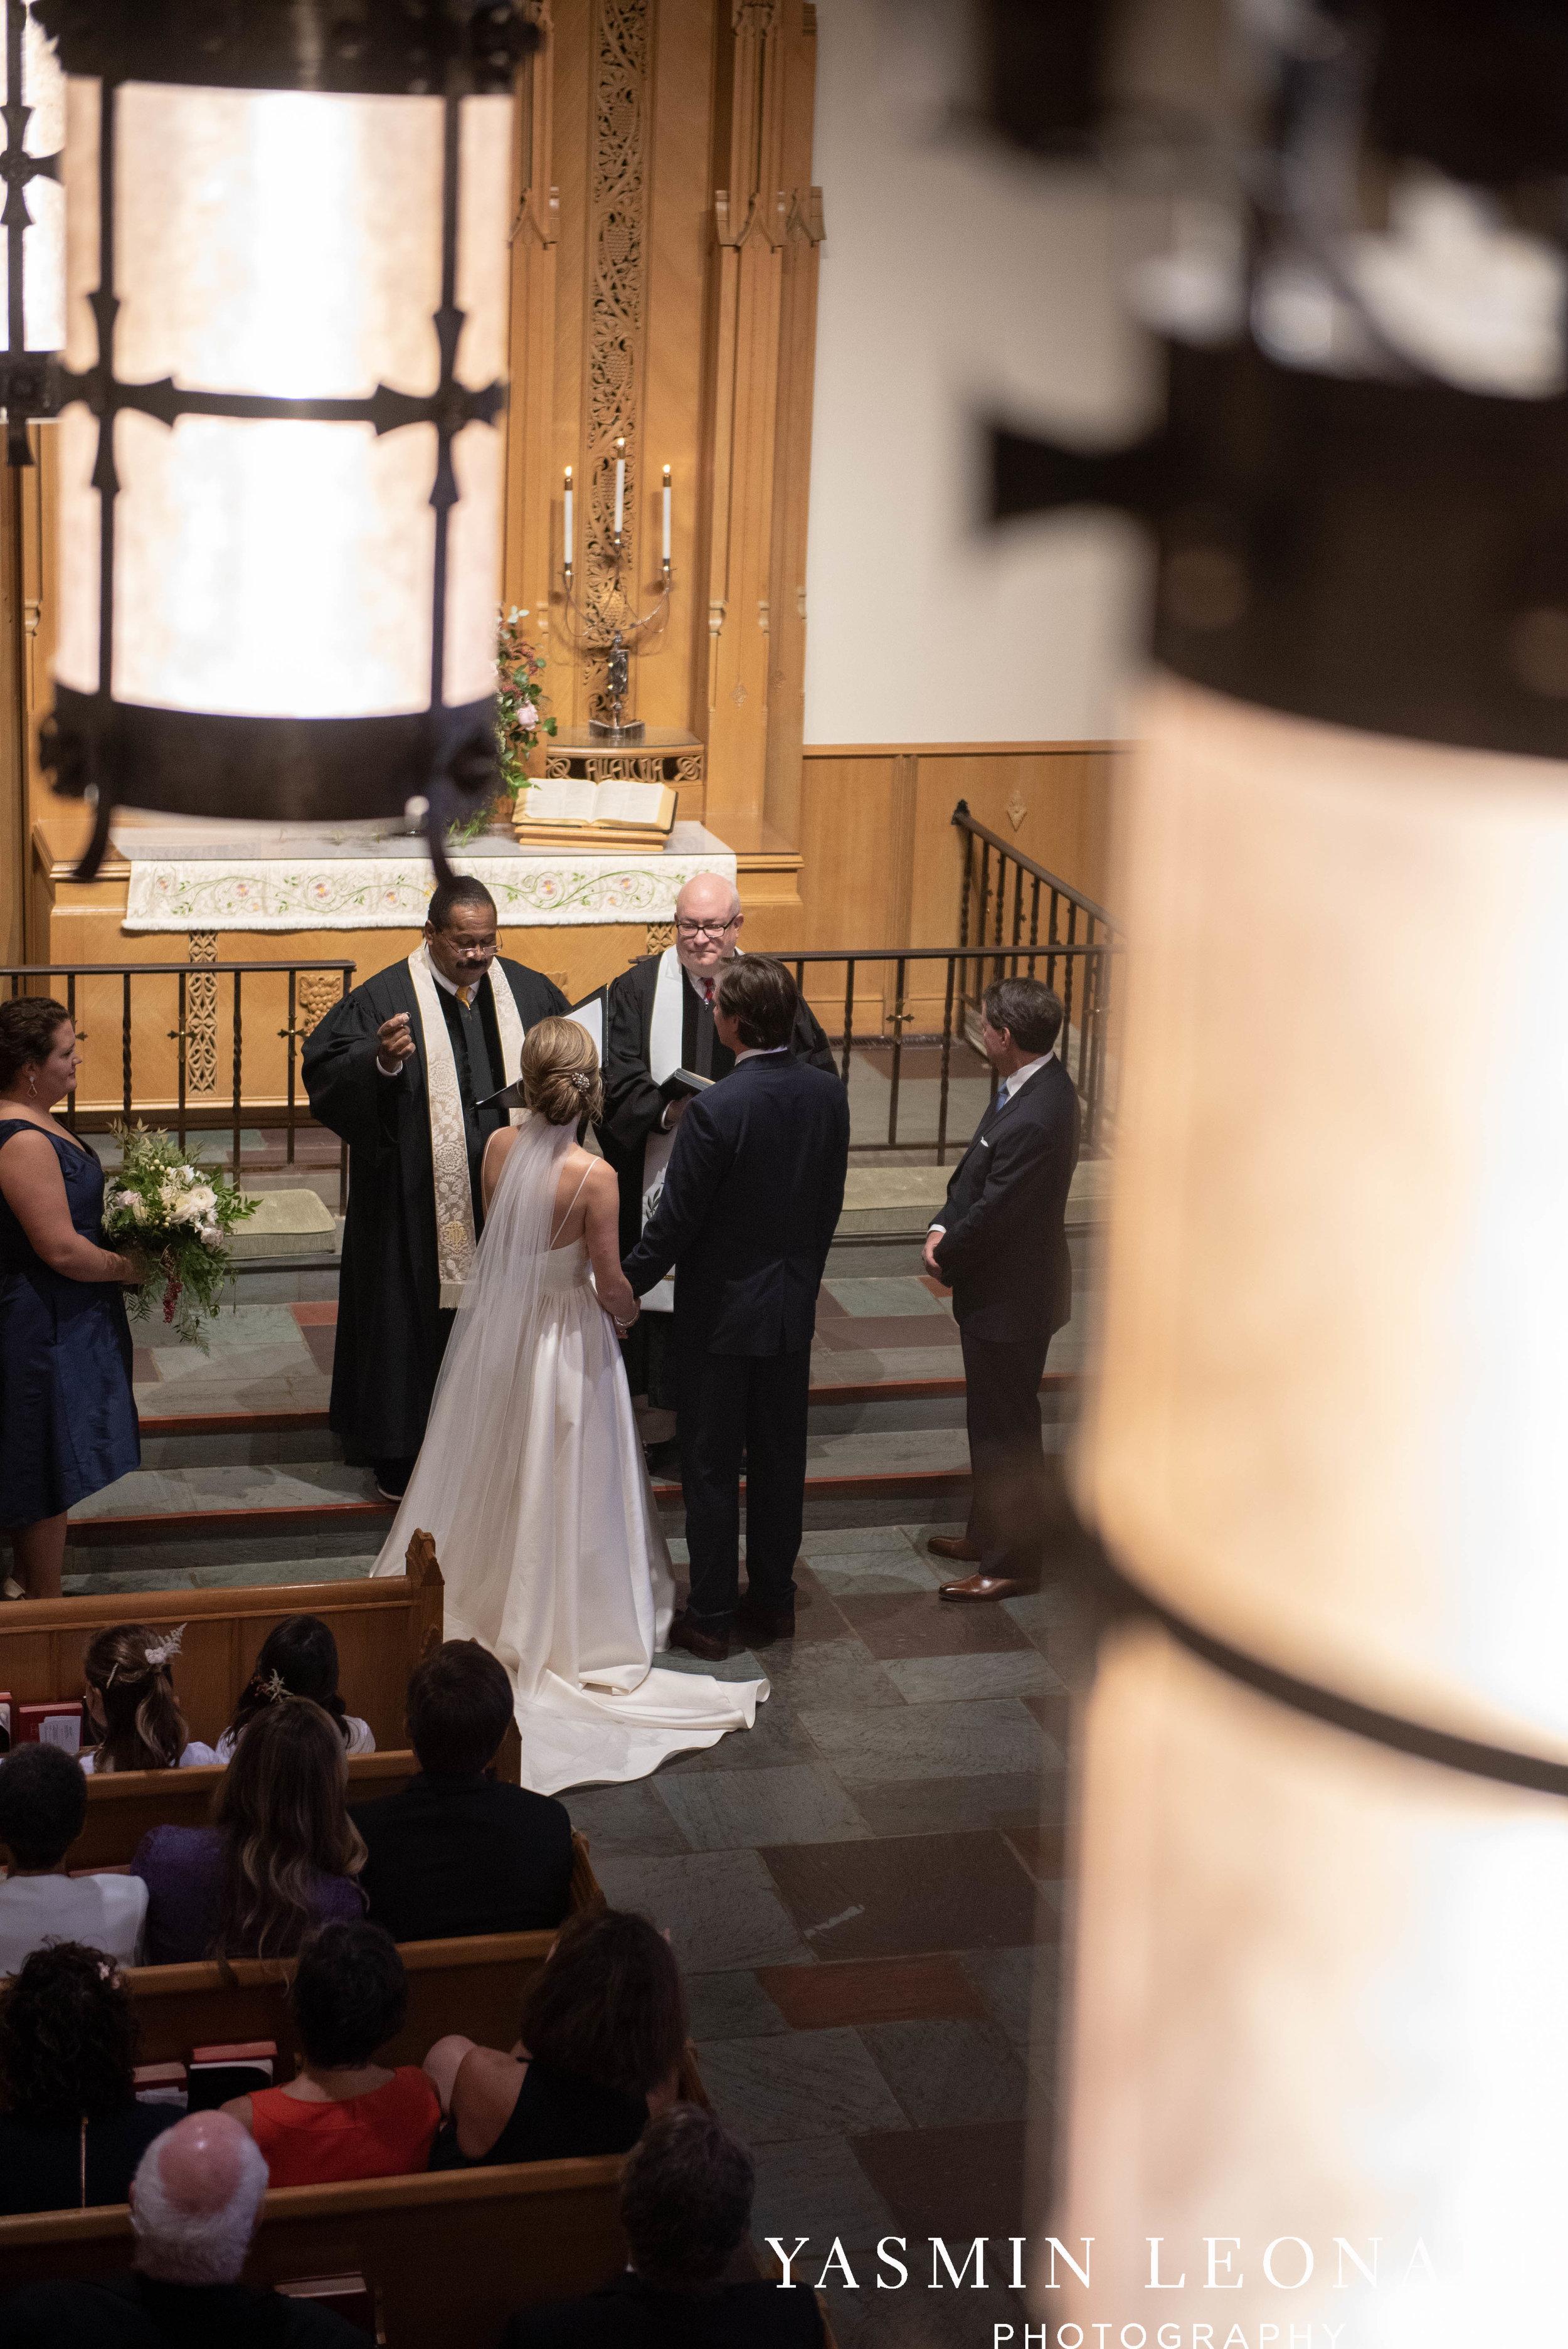 Wesley Memorial United Methodist Church - EmeryWood - High Point Weddings - High Point Wedding Photographer - NC Wedding Photographer - Yasmin Leonard Photography-25.jpg